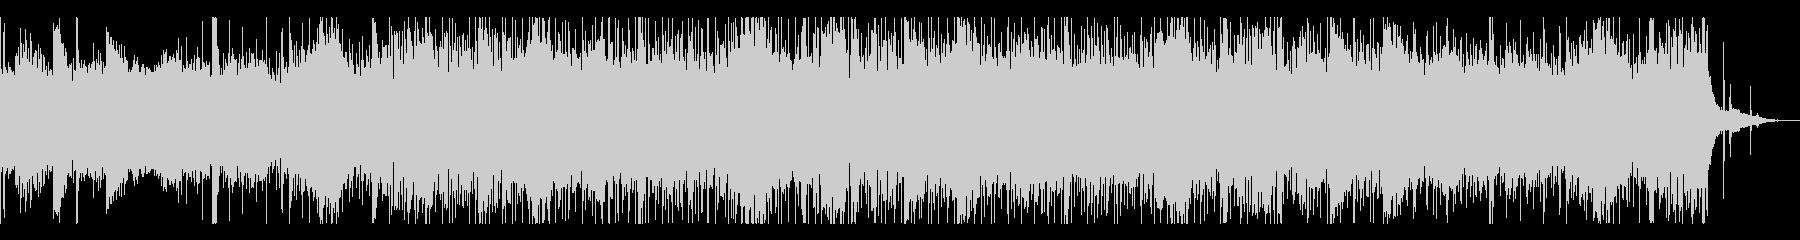 ホラーなシネマティックBGMの未再生の波形